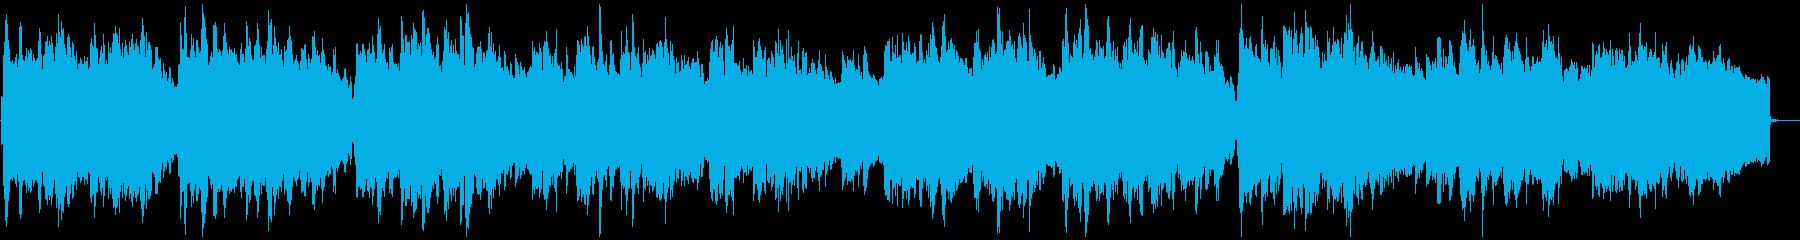 ほのぼのと癒される童謡「ふじの山」の再生済みの波形